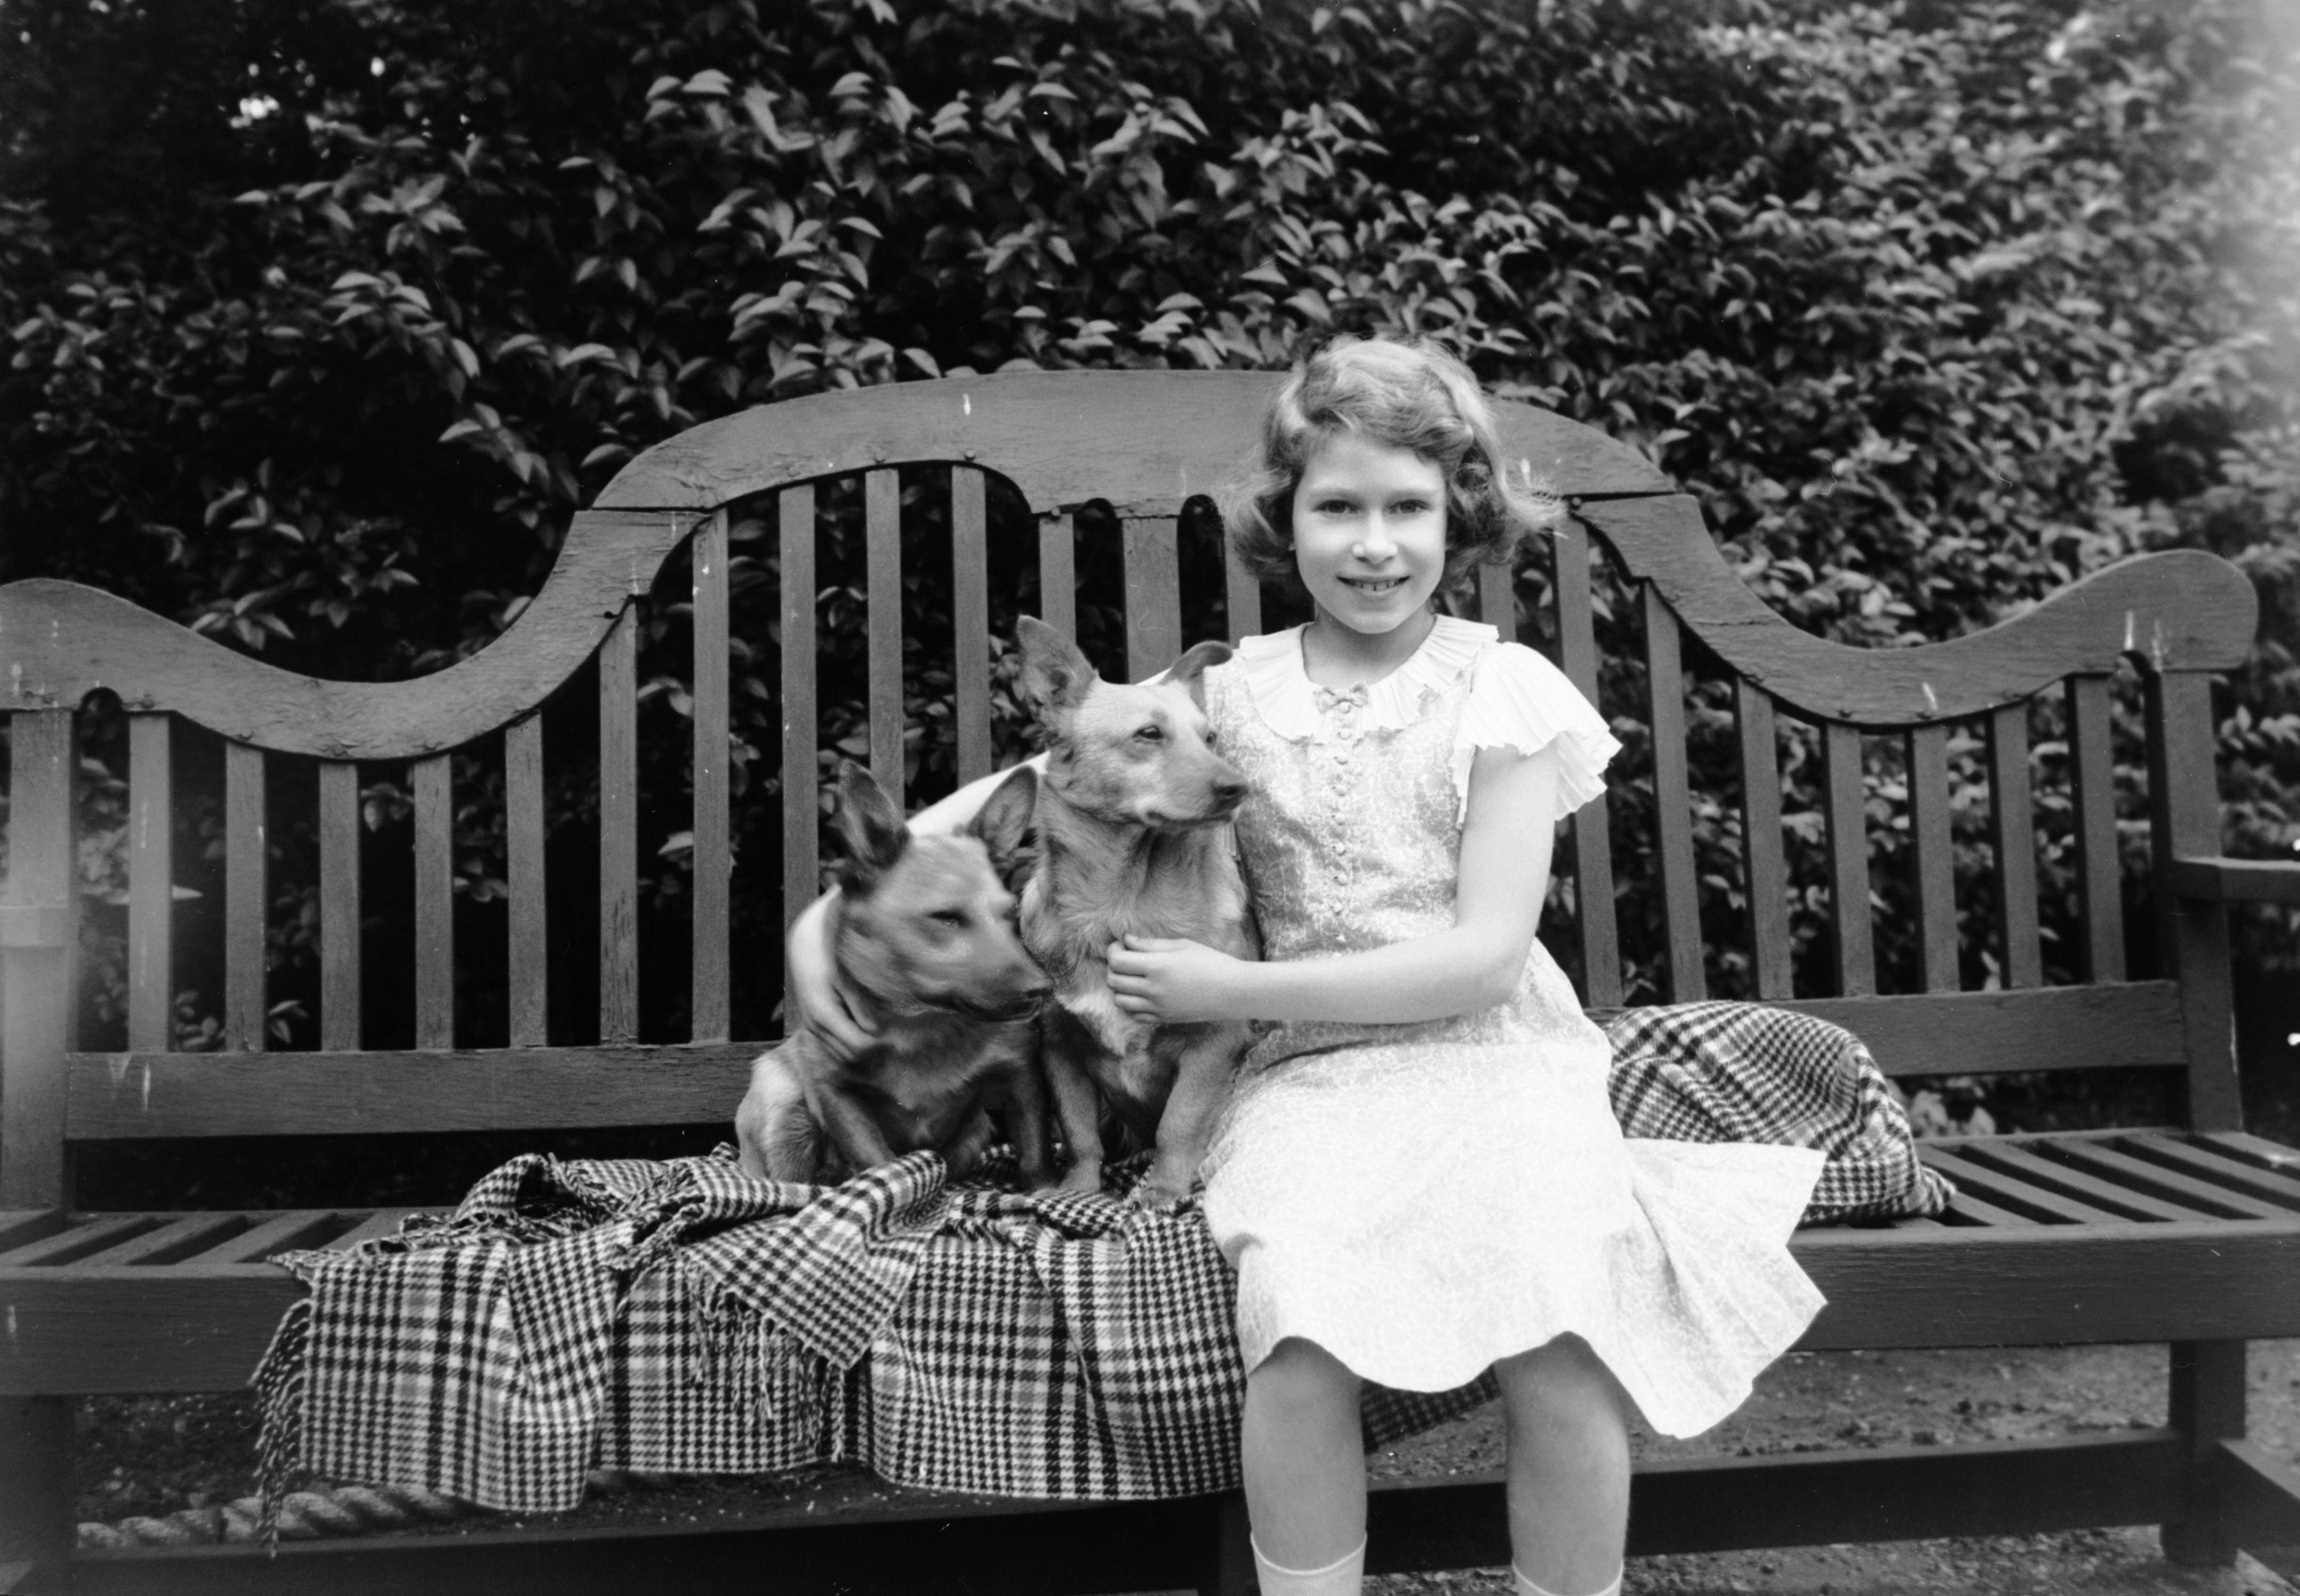 Così la Regina Elisabetta è diventata The Queen, la storia (e lo scandalo) che l'hanno portata sul trono